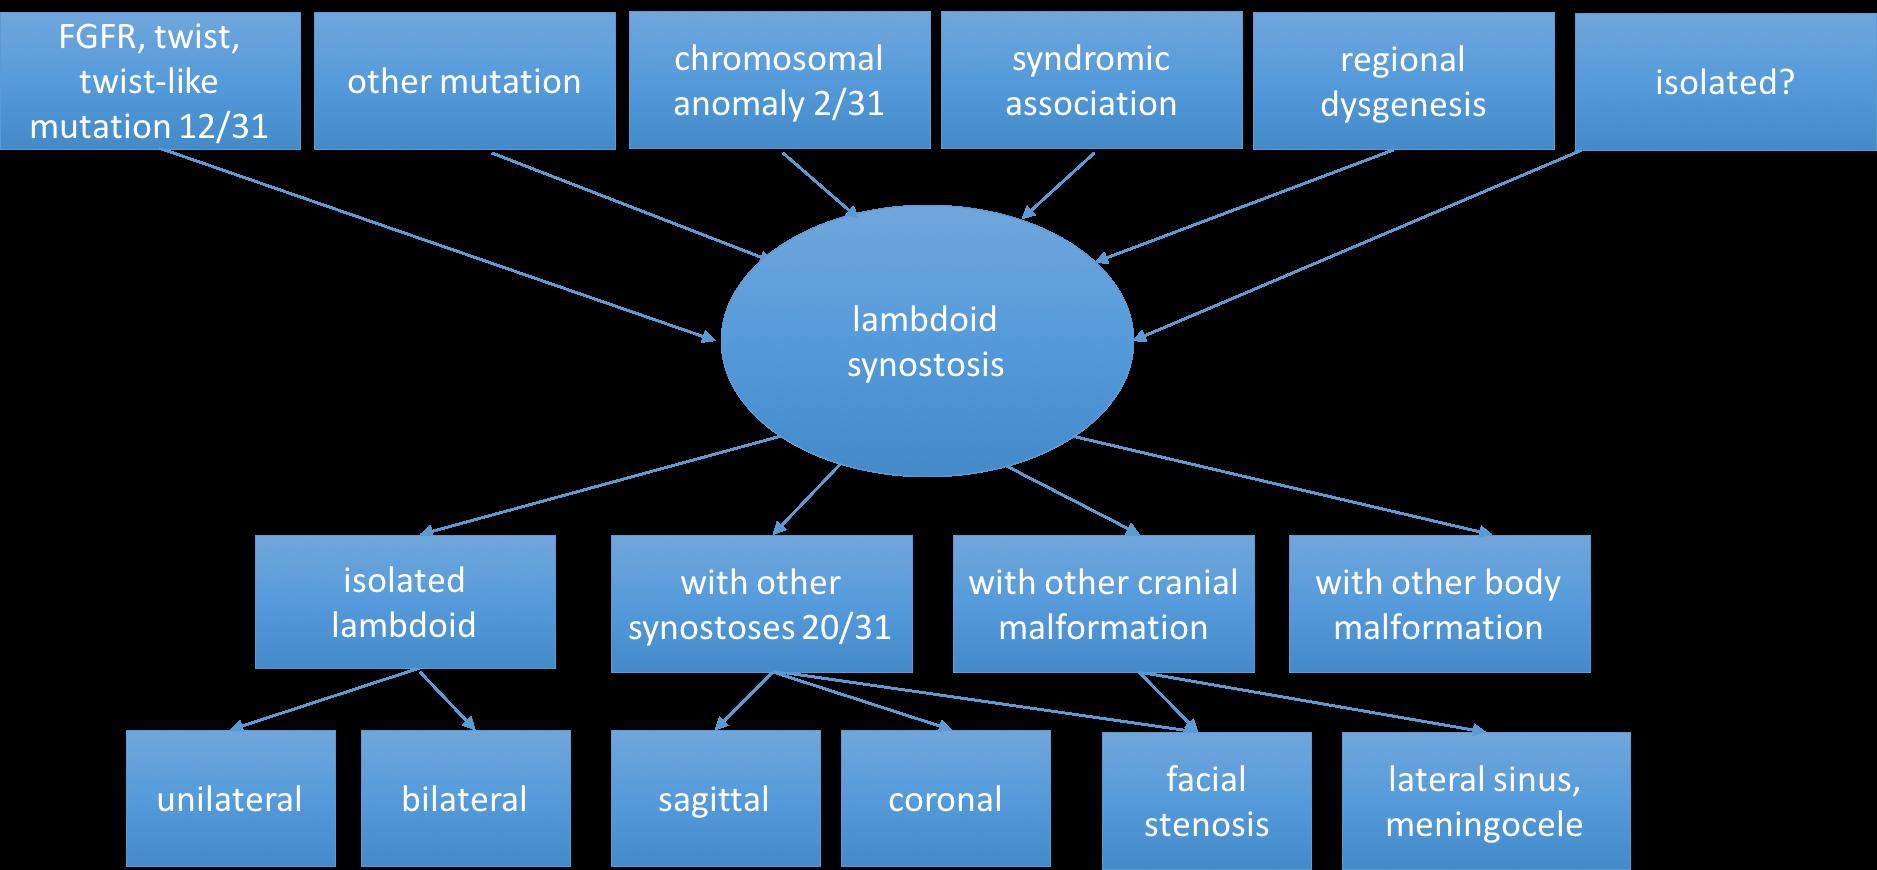 lambdoid nosology